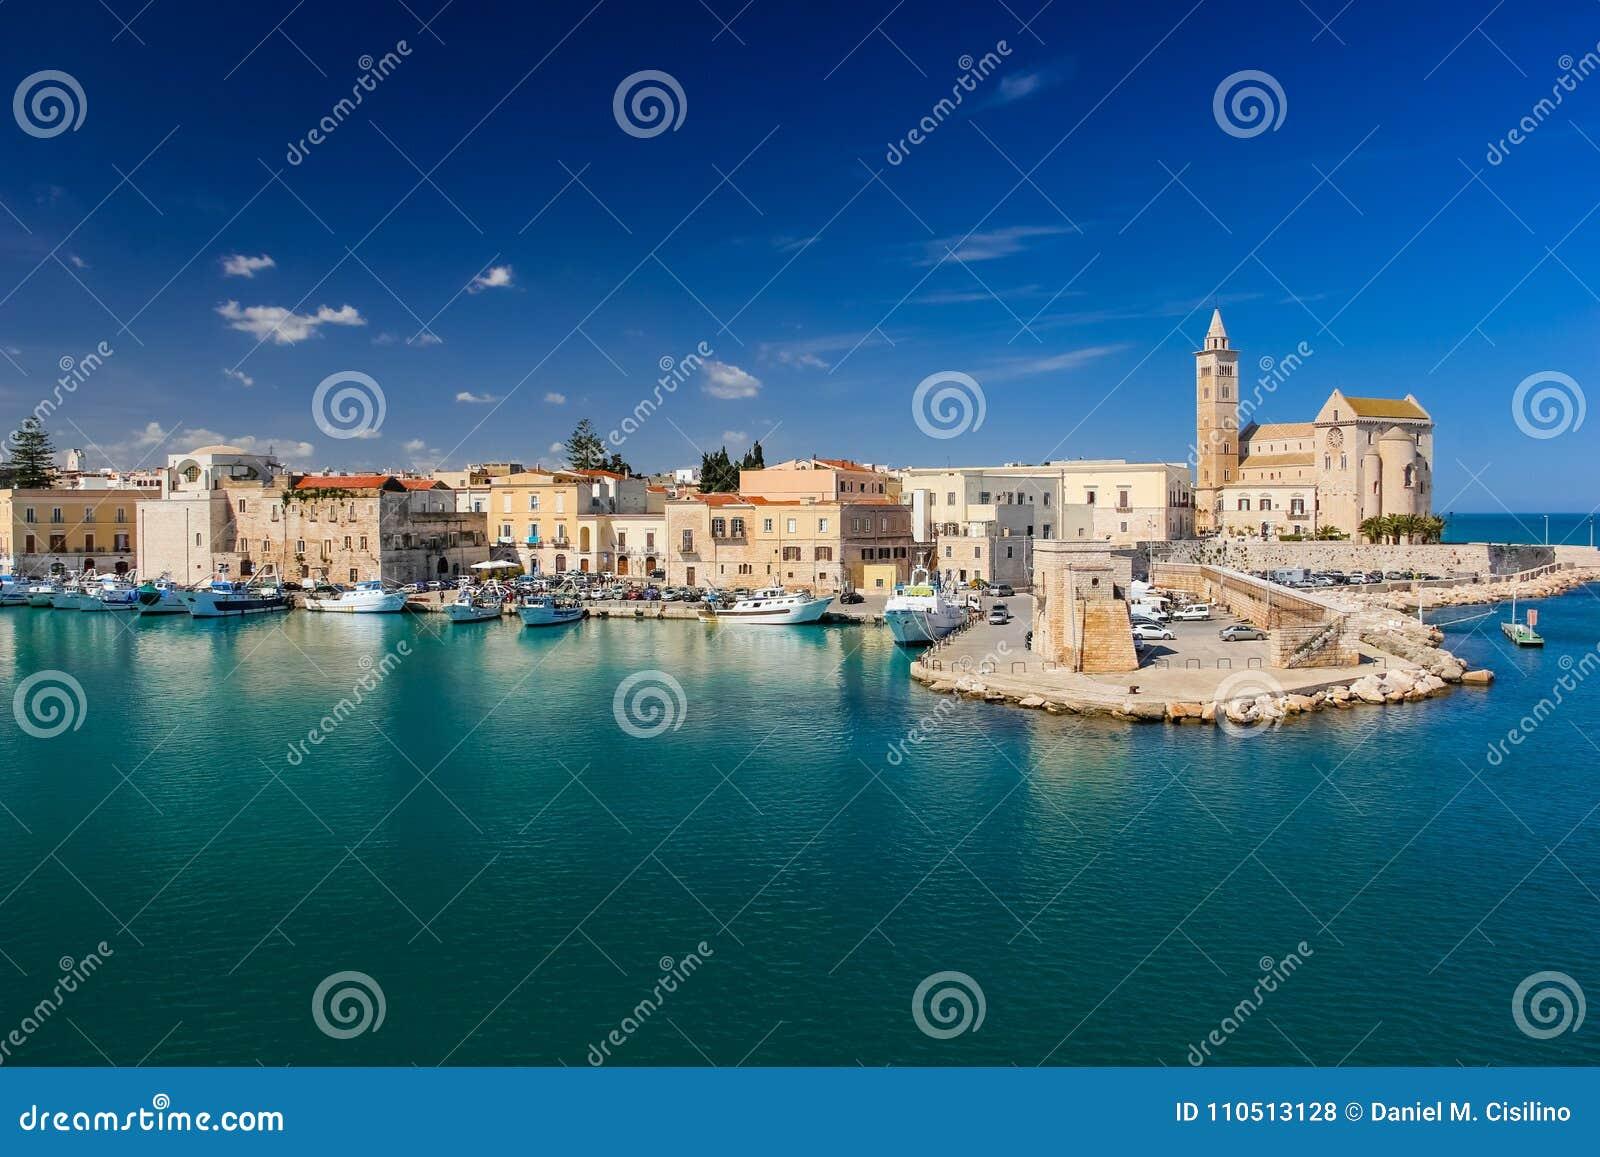 Domkyrkan och sjösidan Trani Apulia italy